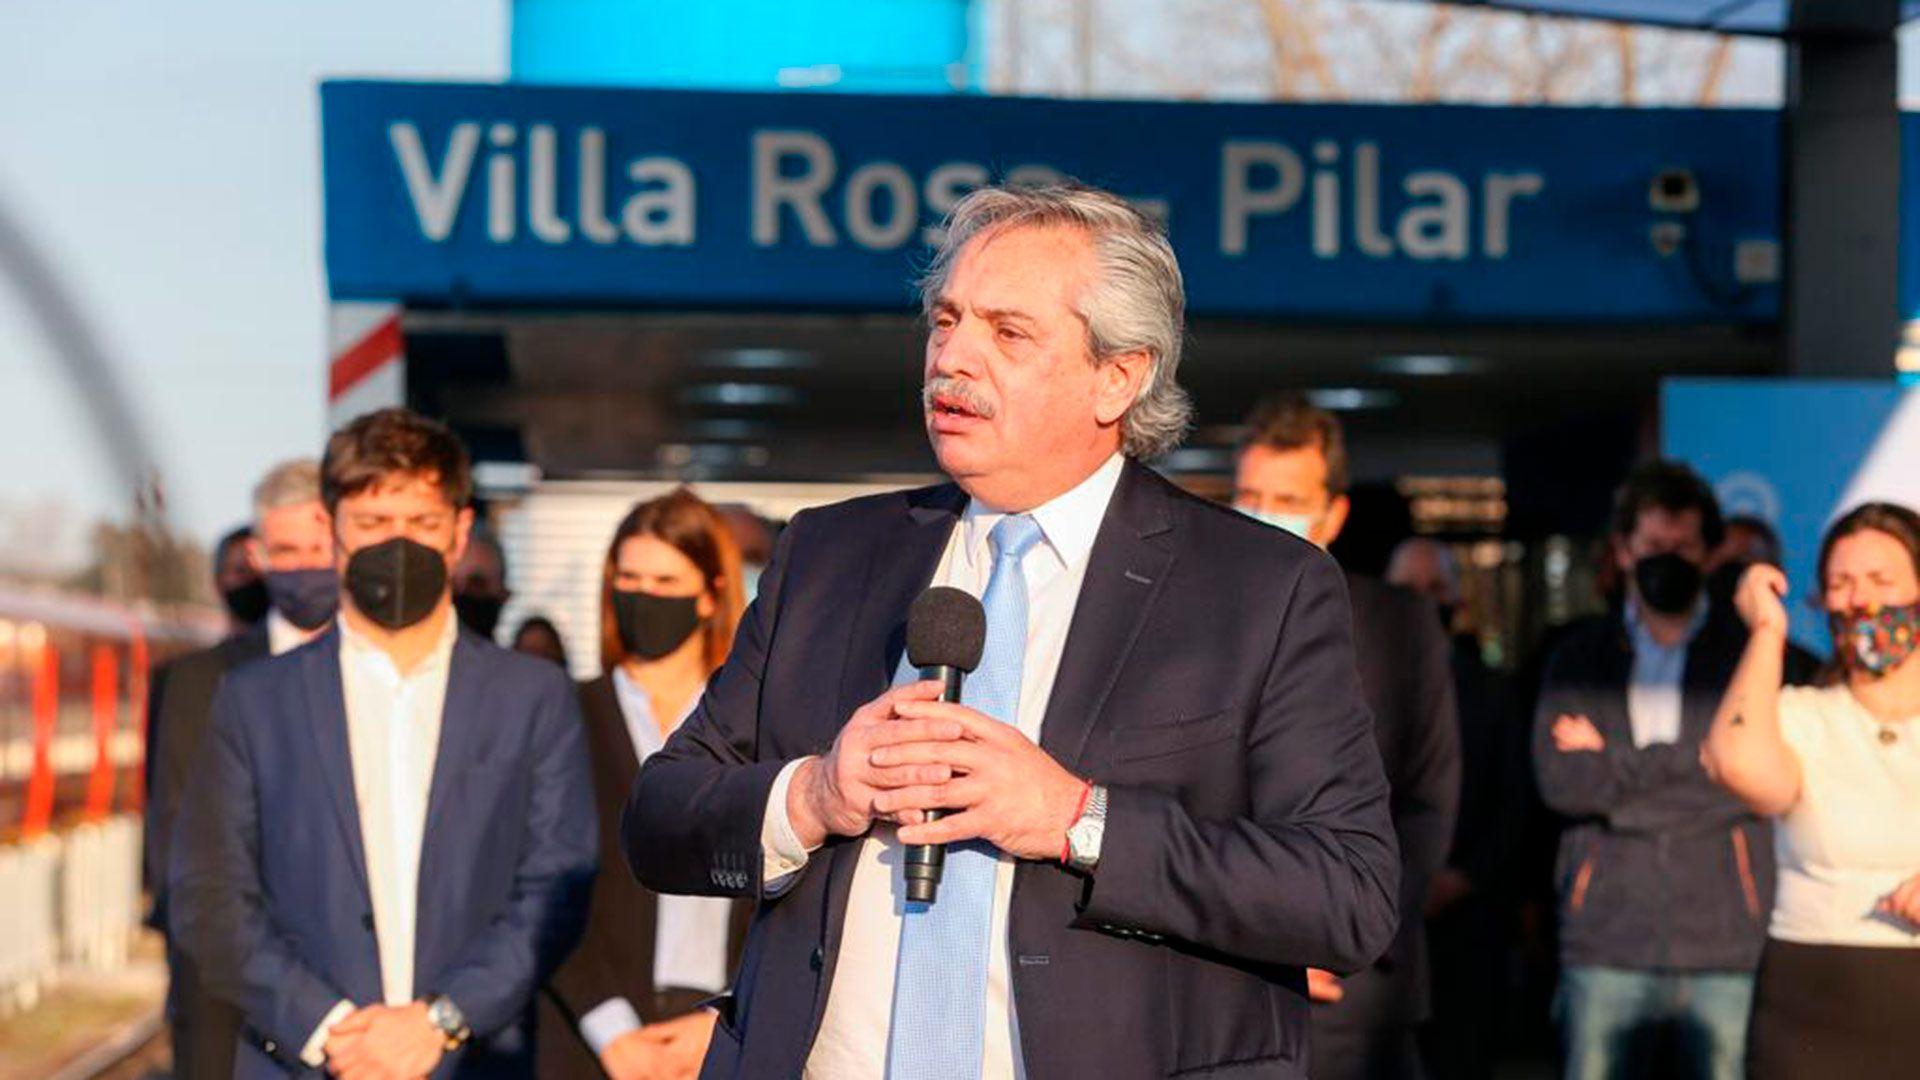 Fernández anuncia obras públicas en la estación Villa Rosa, Pilar y 3 de Febrero